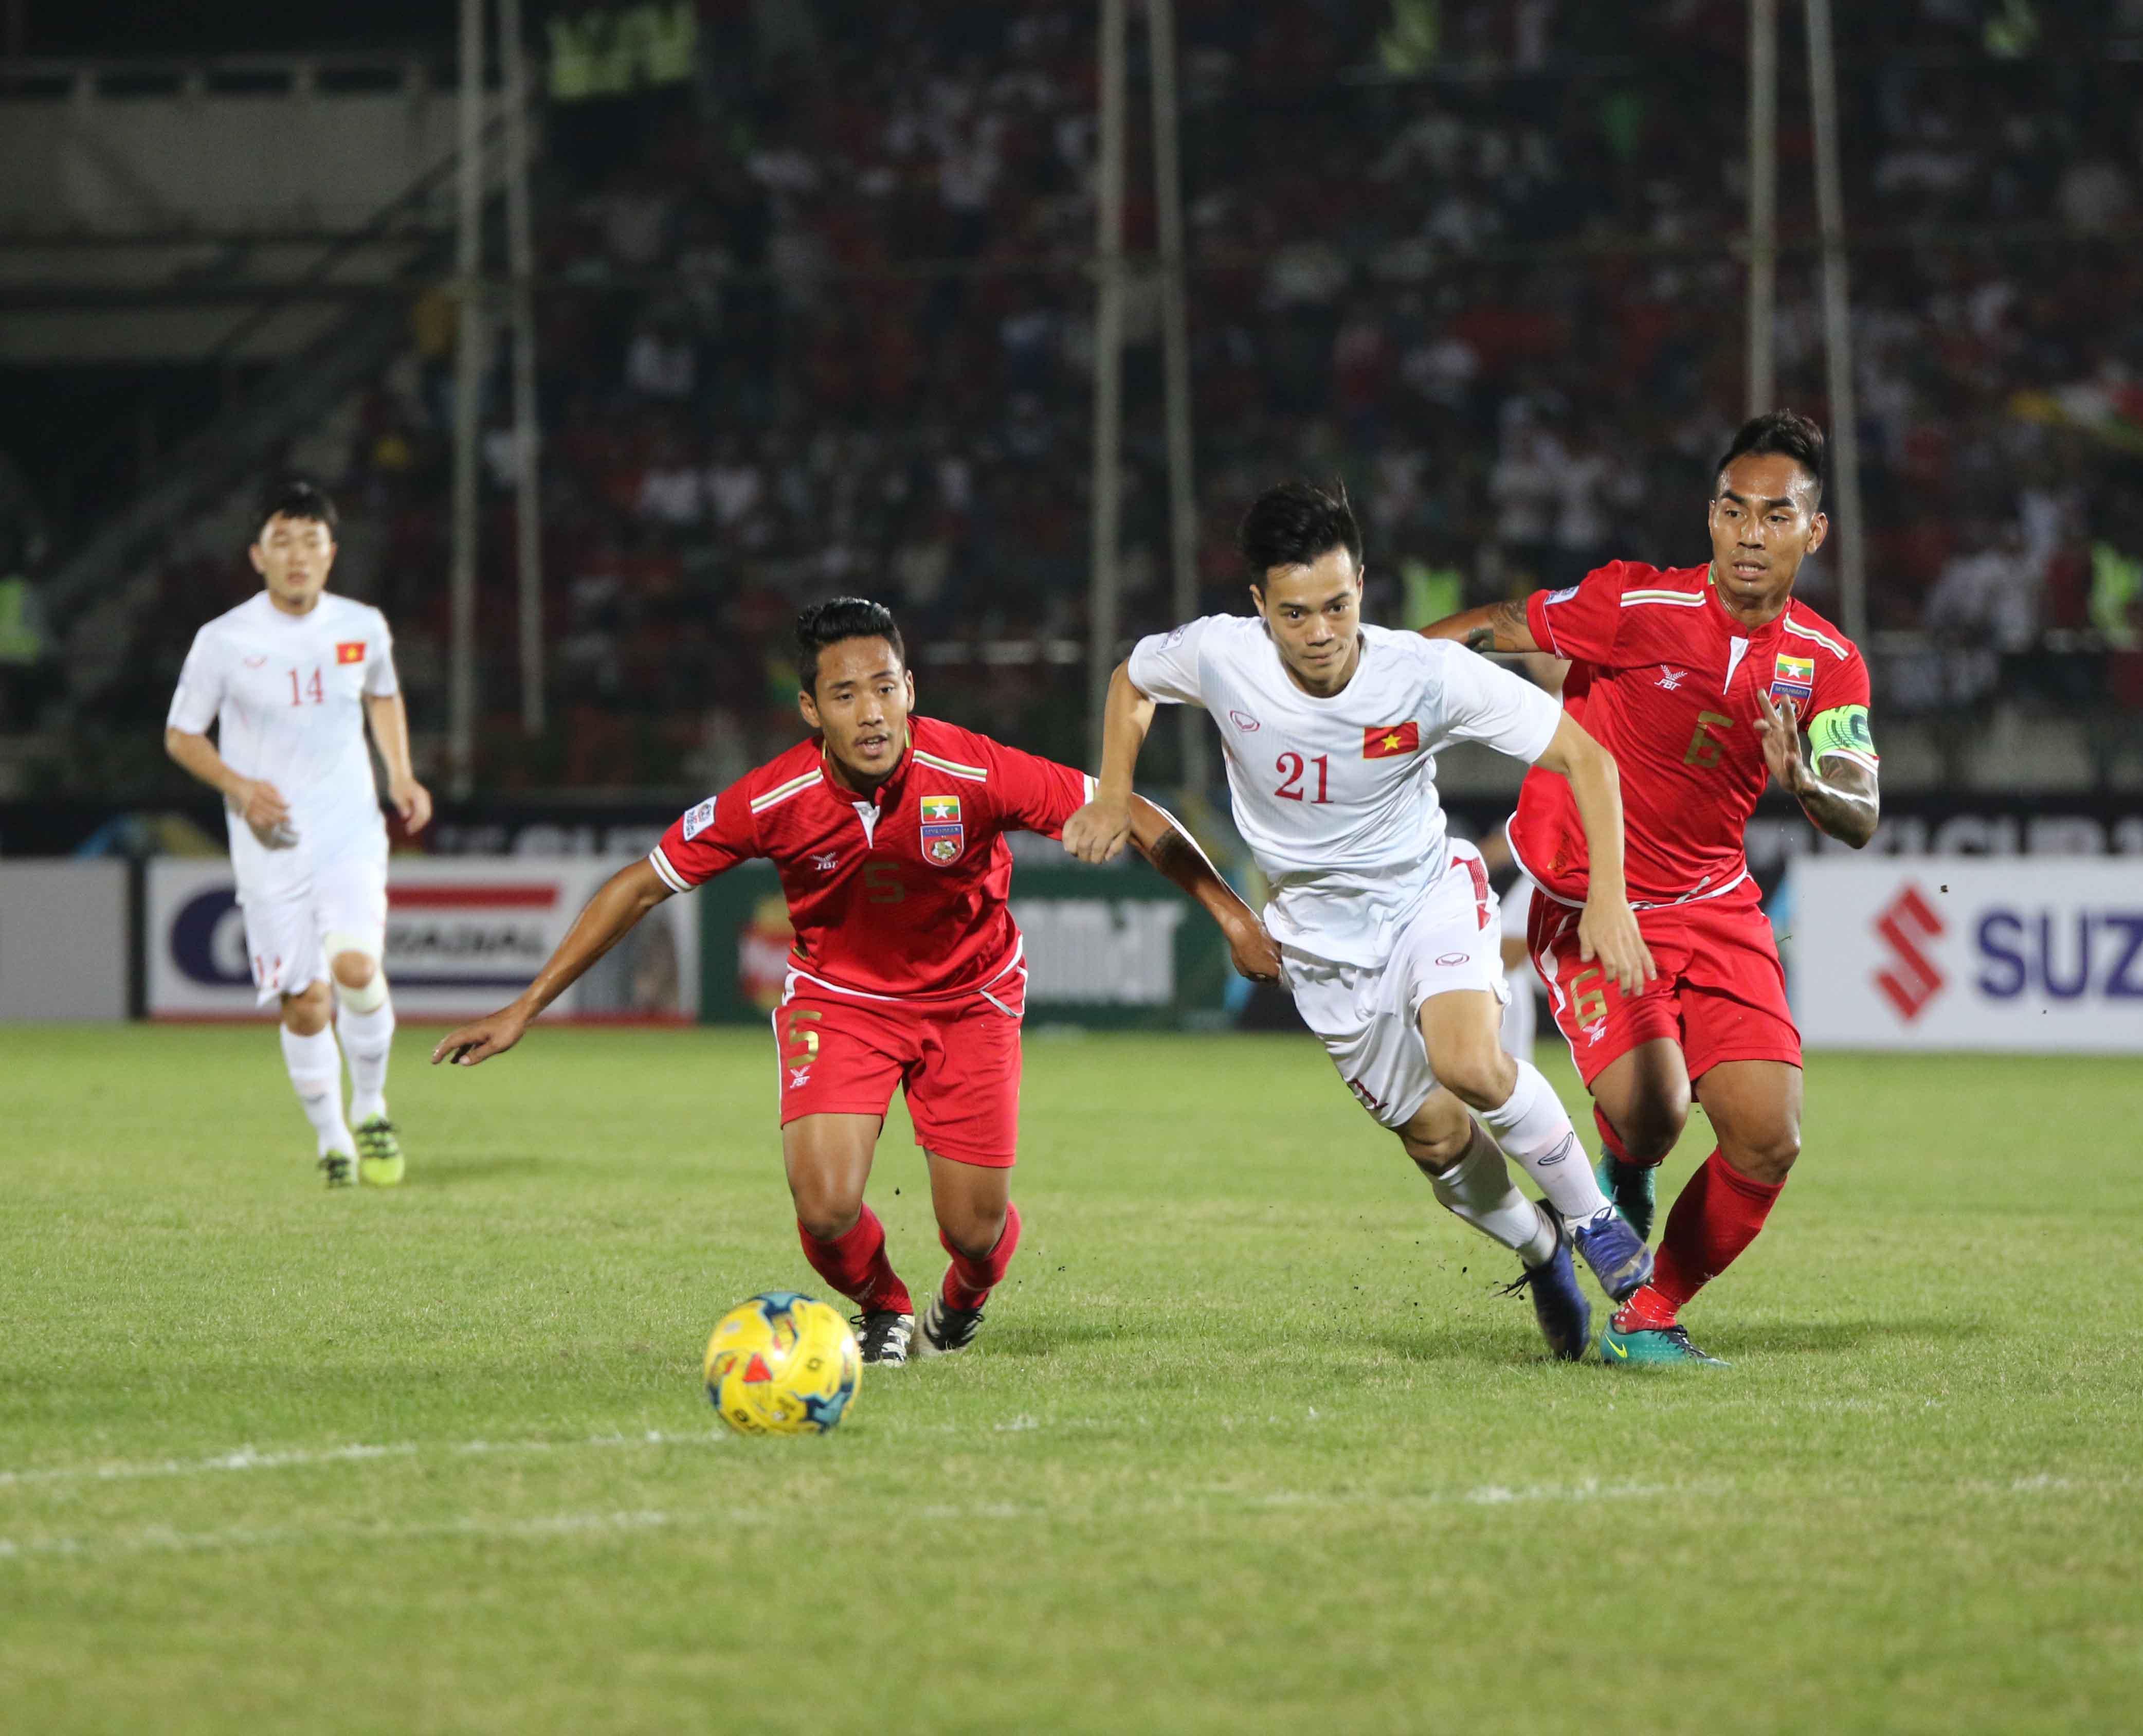 Album ảnh tuyển Việt Nam gặp tuyển Myanmar trong ngày ra quân đầu tiên tại giải AFF Suzuki Cup 2016